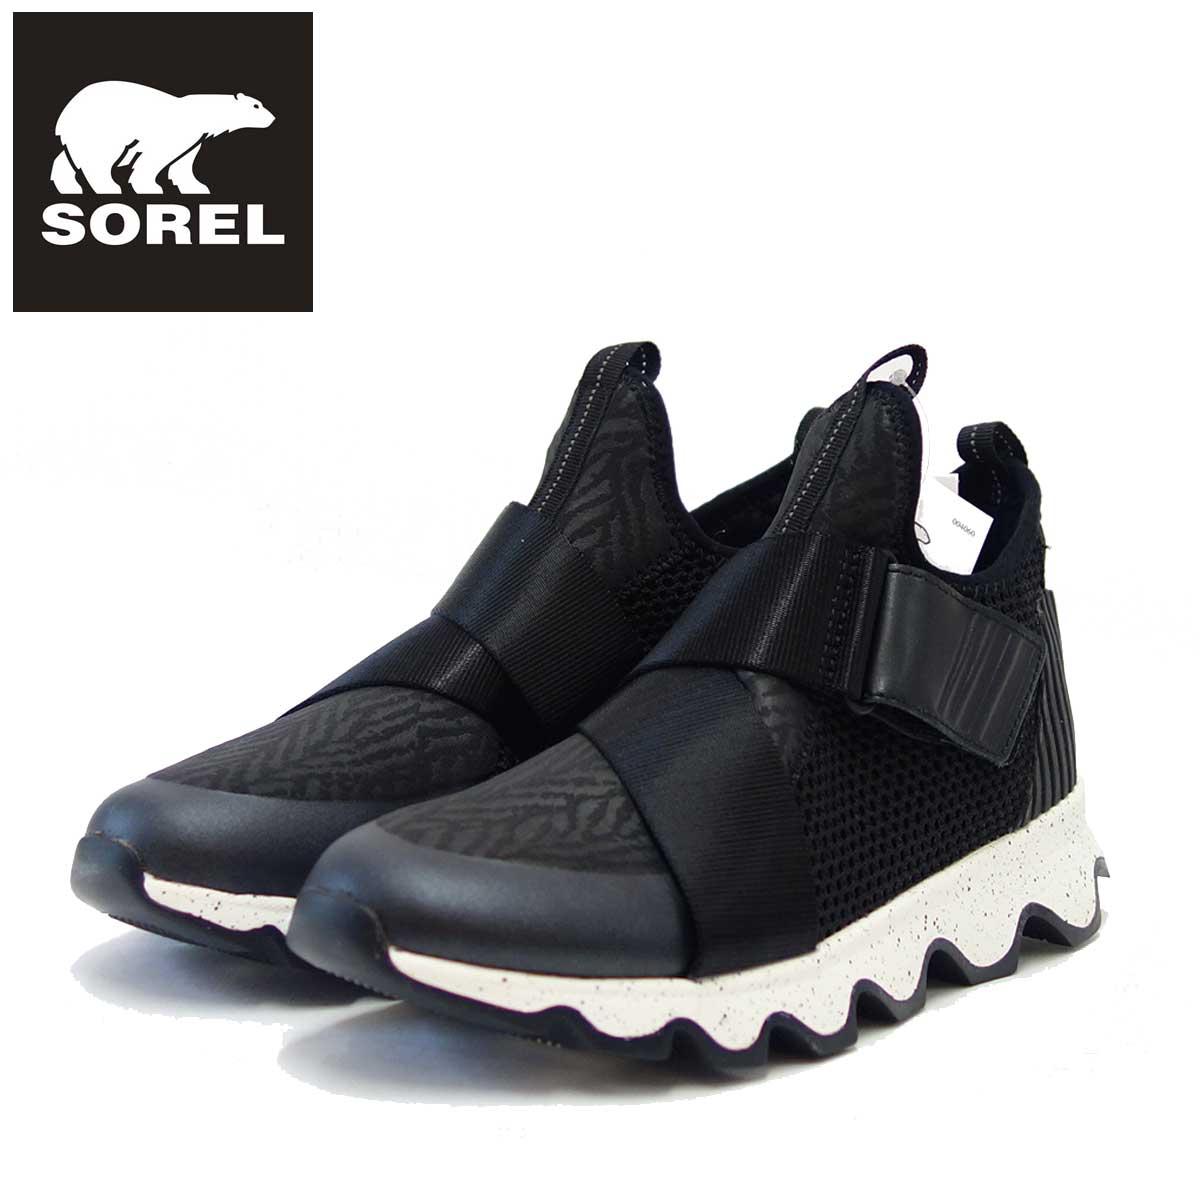 ソレル SOREL LL 3507 (レディース) キネティックスニーク:ブラック (010) スリッポンスニーカー 「靴」